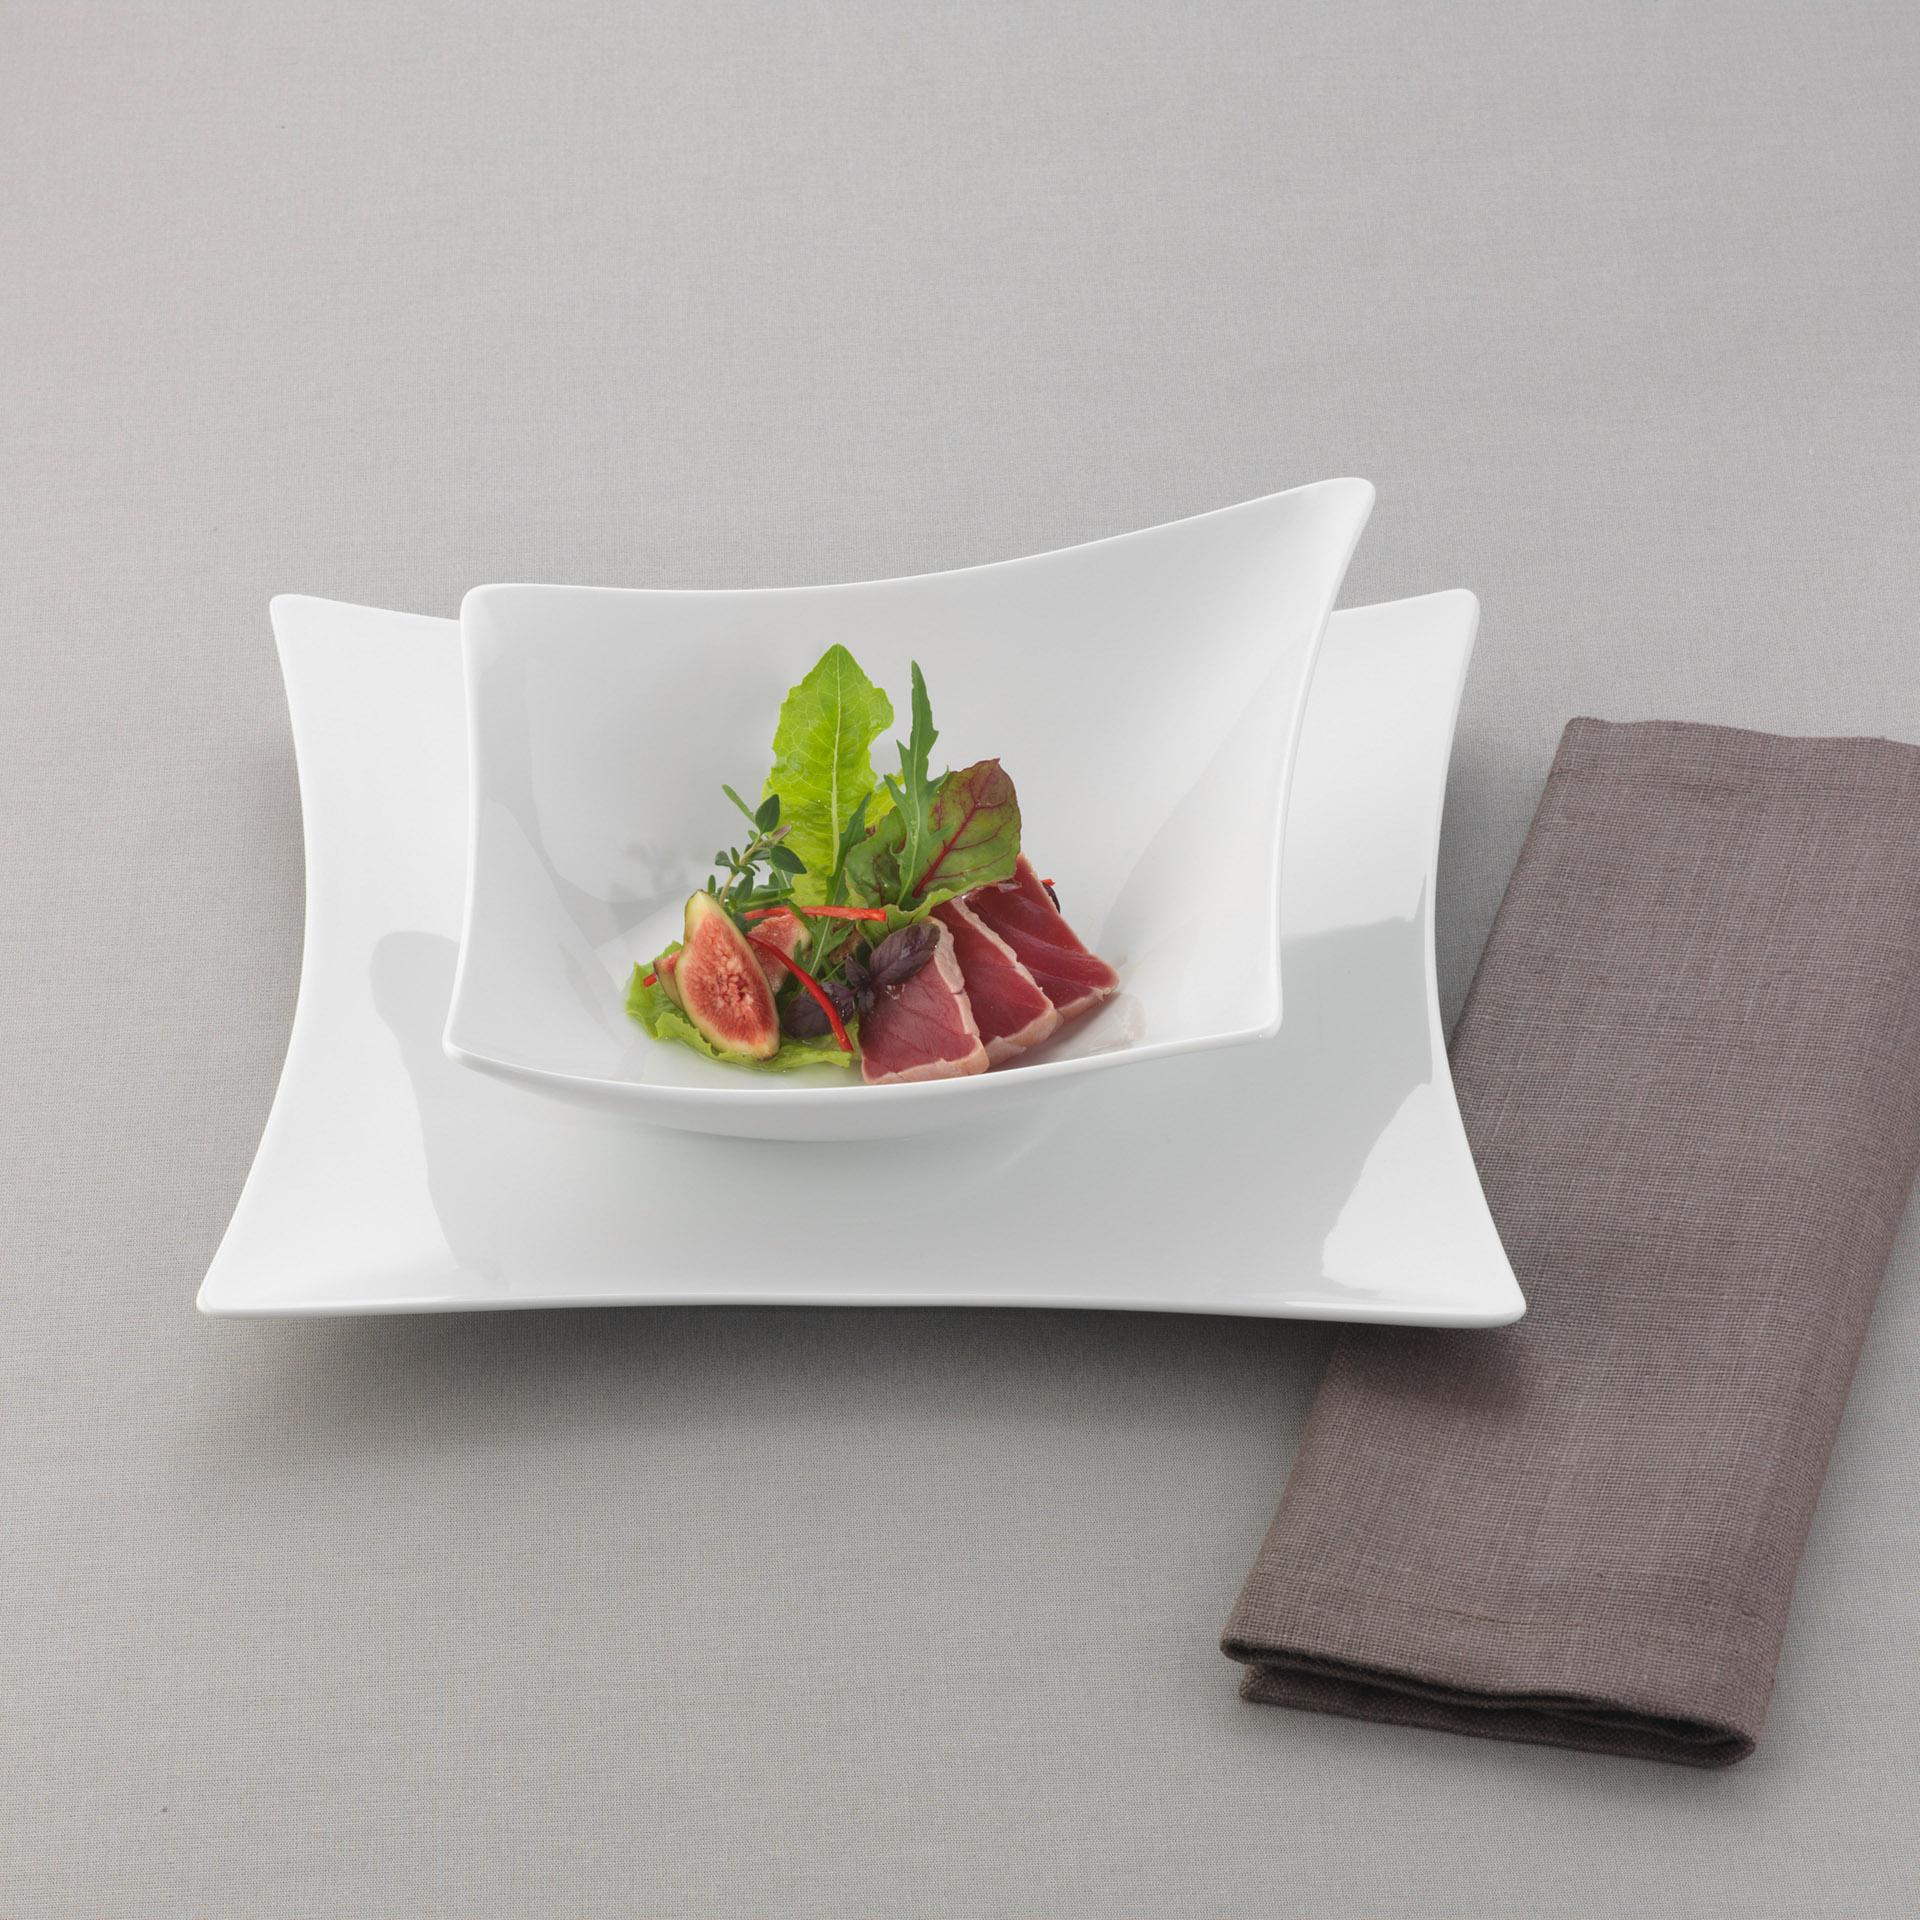 Werbefotografie Produktfotografie FotoStudio Oberfranken Teller der Serie Compliments by Bauscher mit Filet und Salat. Feigfotodesign